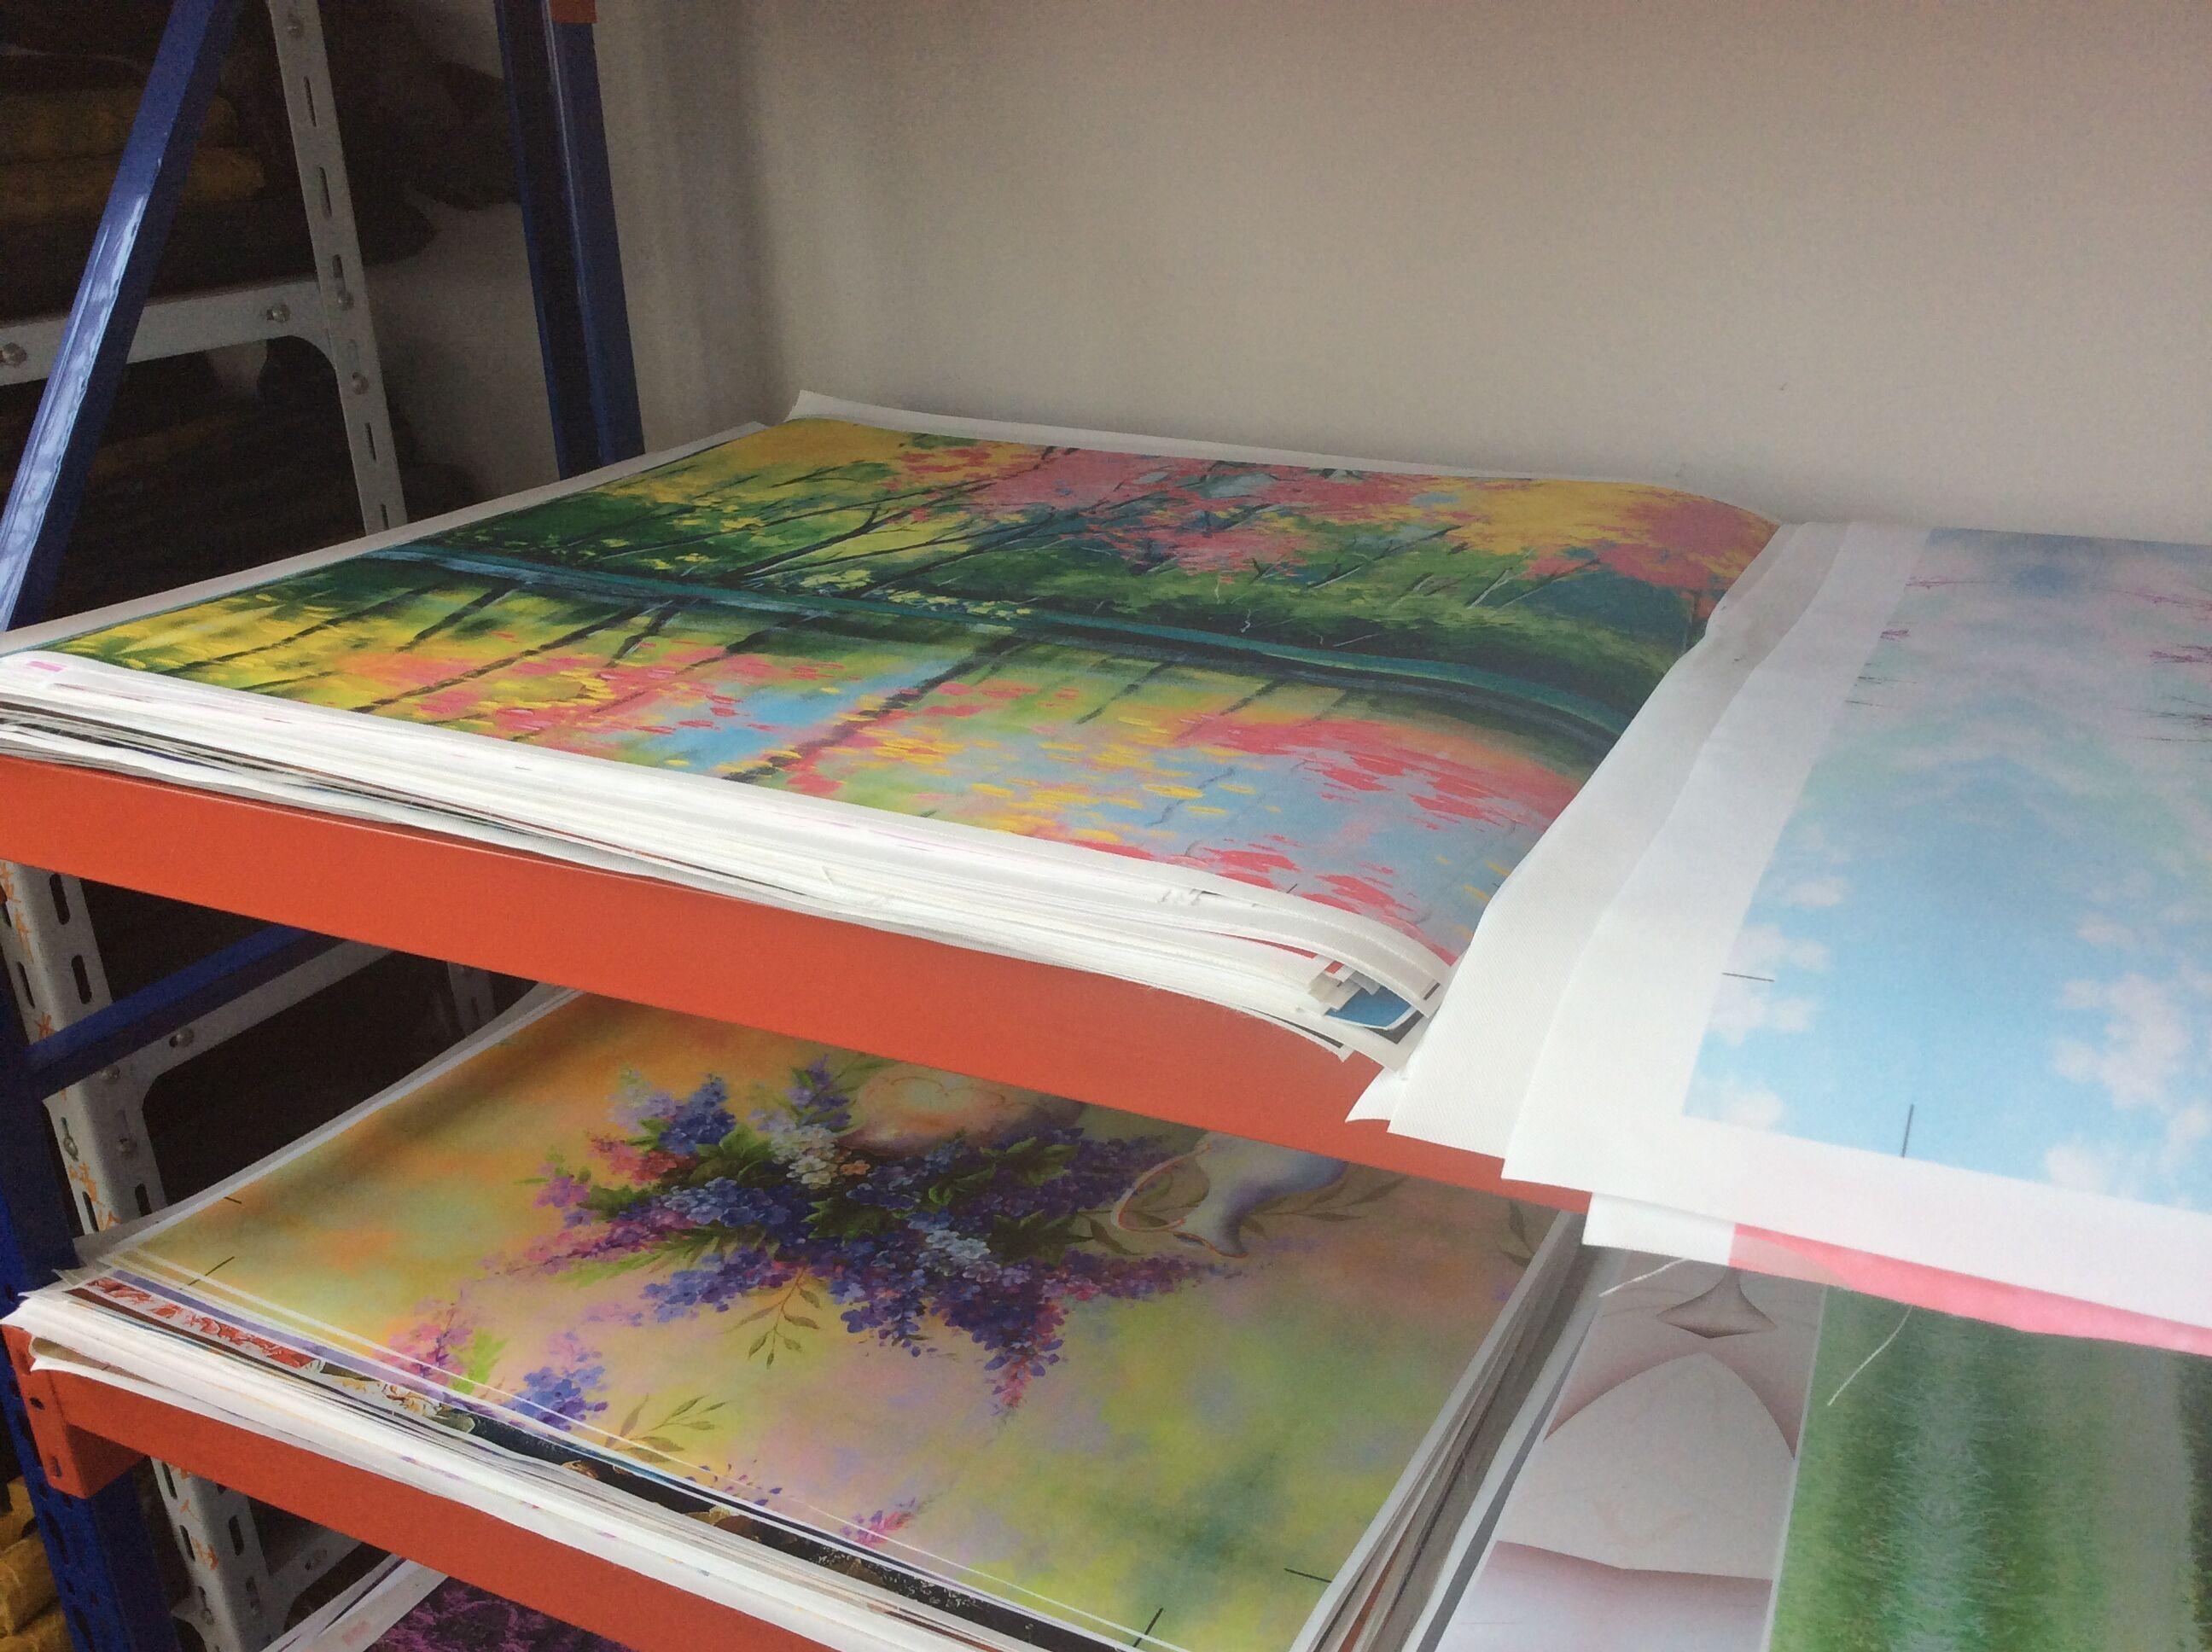 Без рамки 5 панелей старинные карта мира спрей картина маслом жикле холст печатает живопись для офиса кабинет украшения дома